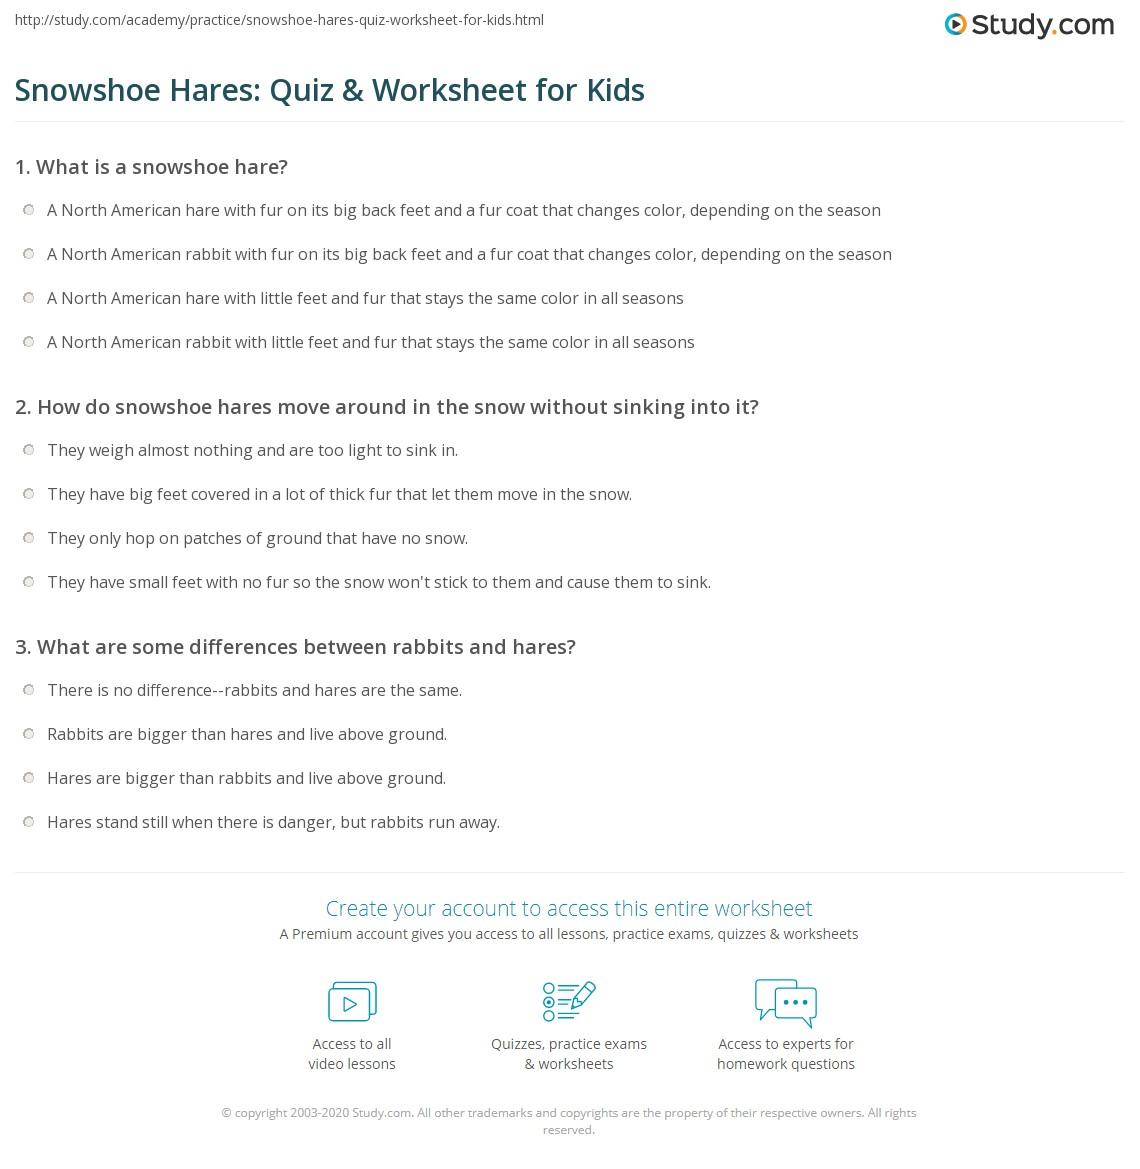 Snowshoe Hares Quiz Amp Worksheet For Kids